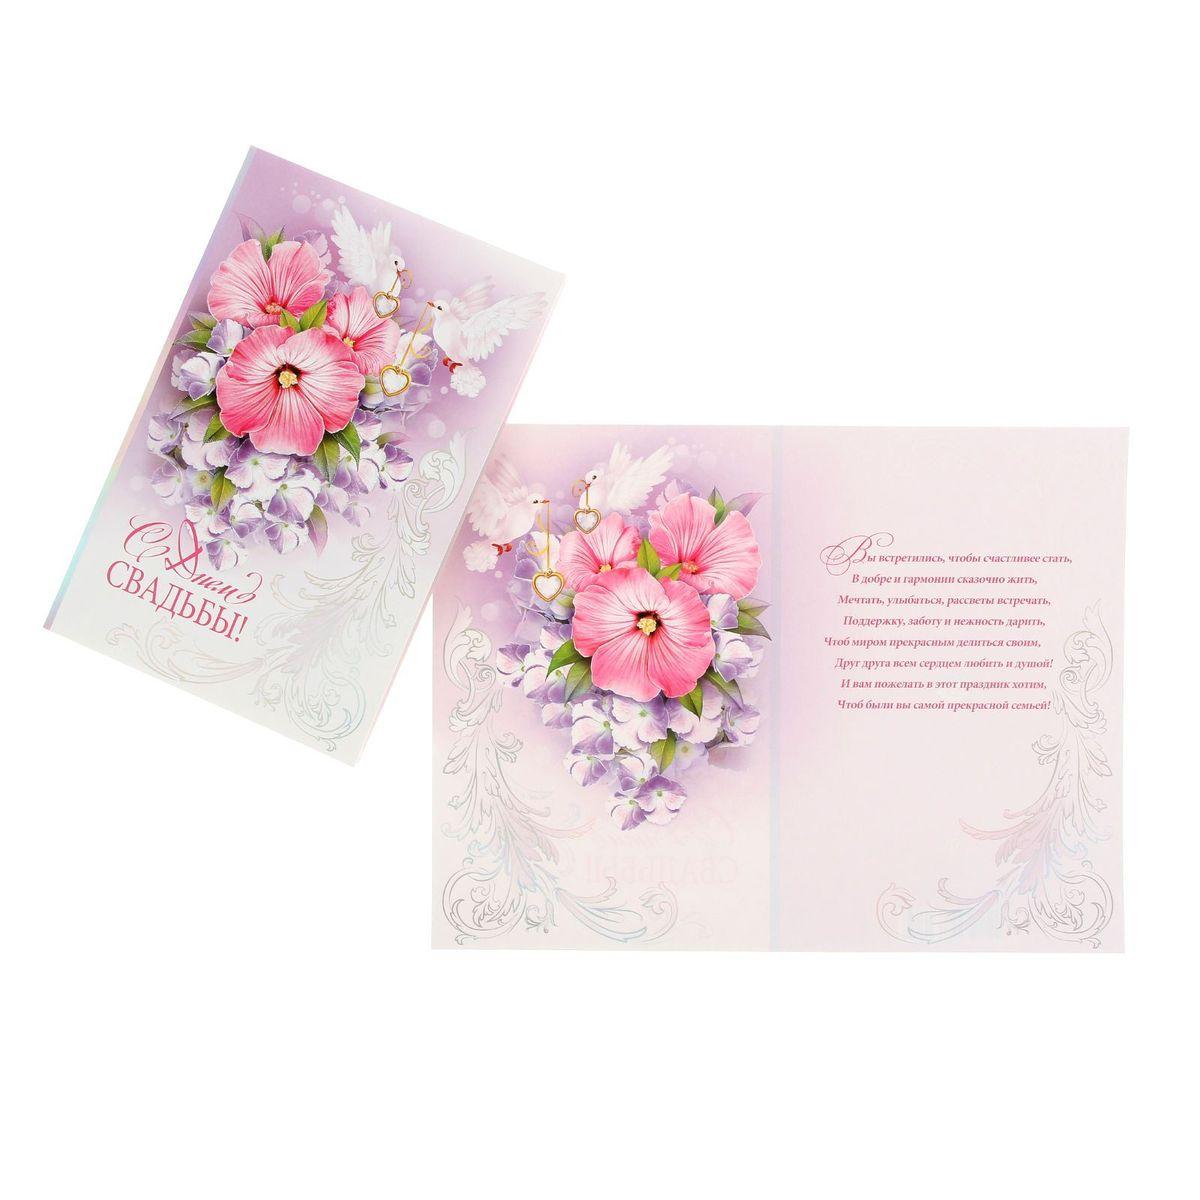 Открытка Мир открыток С Днем СВАДЬБЫ! Цветы и голубиБрелок для ключейЕсли вы хотите порадовать себя или близких, создать праздничное настроение и с улыбкой провести памятный день, то вы, несомненно, сделали правильный выбор! Открытка Мир открыток С Днем СВАДЬБЫ! Цветы и голуби, выполненная из картона, отличается не только оригинальным дизайном, но и высоким качеством.Лицевая сторона изделия оформлена красивым изображением цветов и голубей, а также фольгированным тиснением конгрев. Внутри открытка содержит текст с поздравлением.Такая открытка непременно порадует получателя и станет отличным напоминанием о проведенном вместе времени.